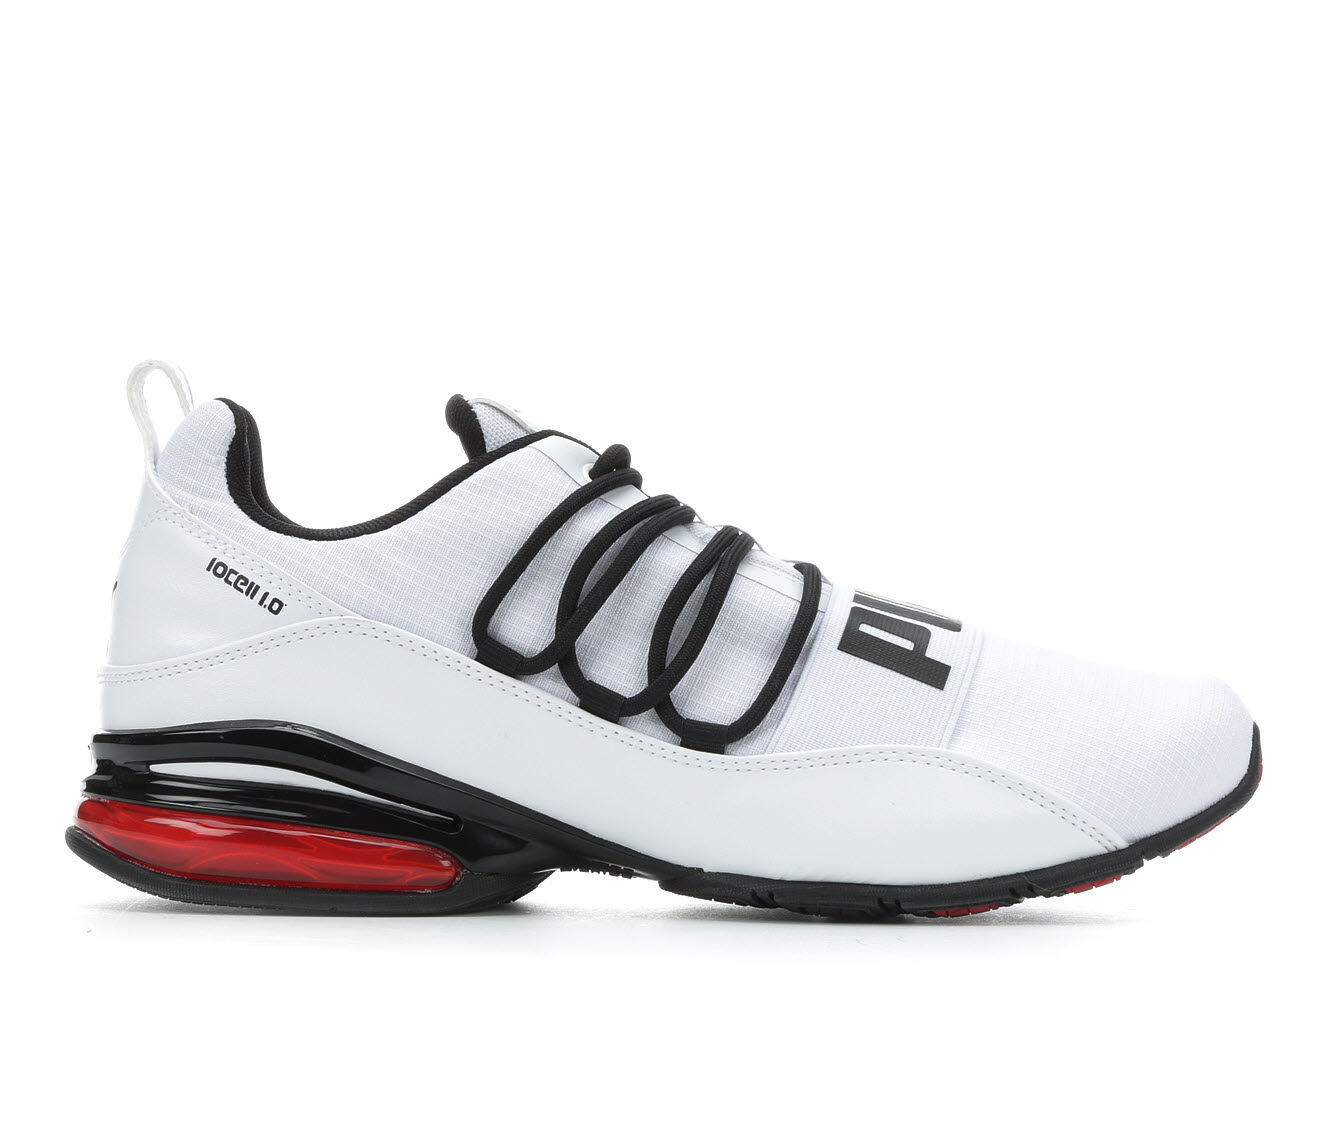 Men's Puma Cell Regulate Mesh Sneakers